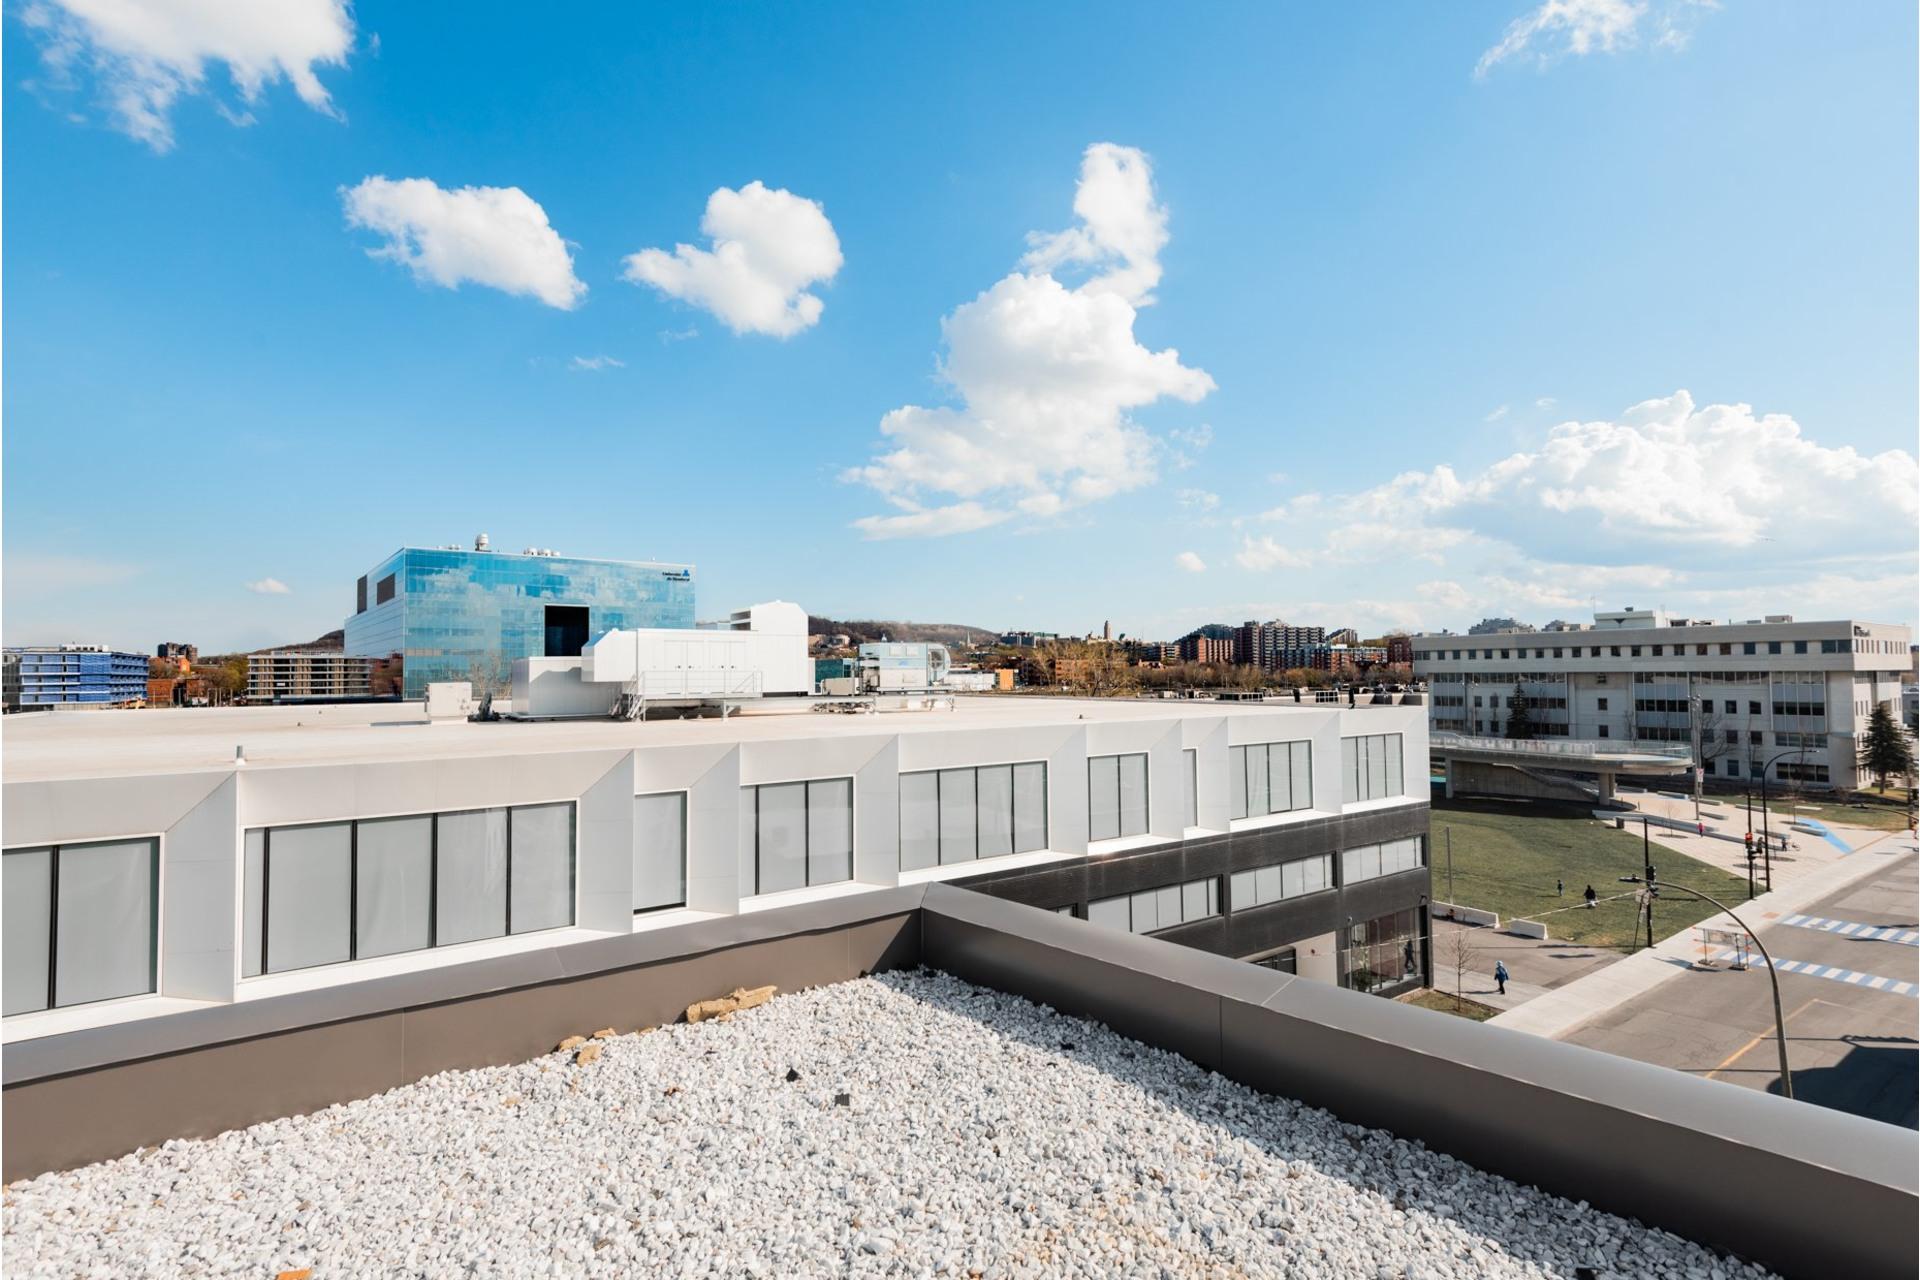 image 17 - Appartement À vendre Villeray/Saint-Michel/Parc-Extension Montréal  - 3 pièces